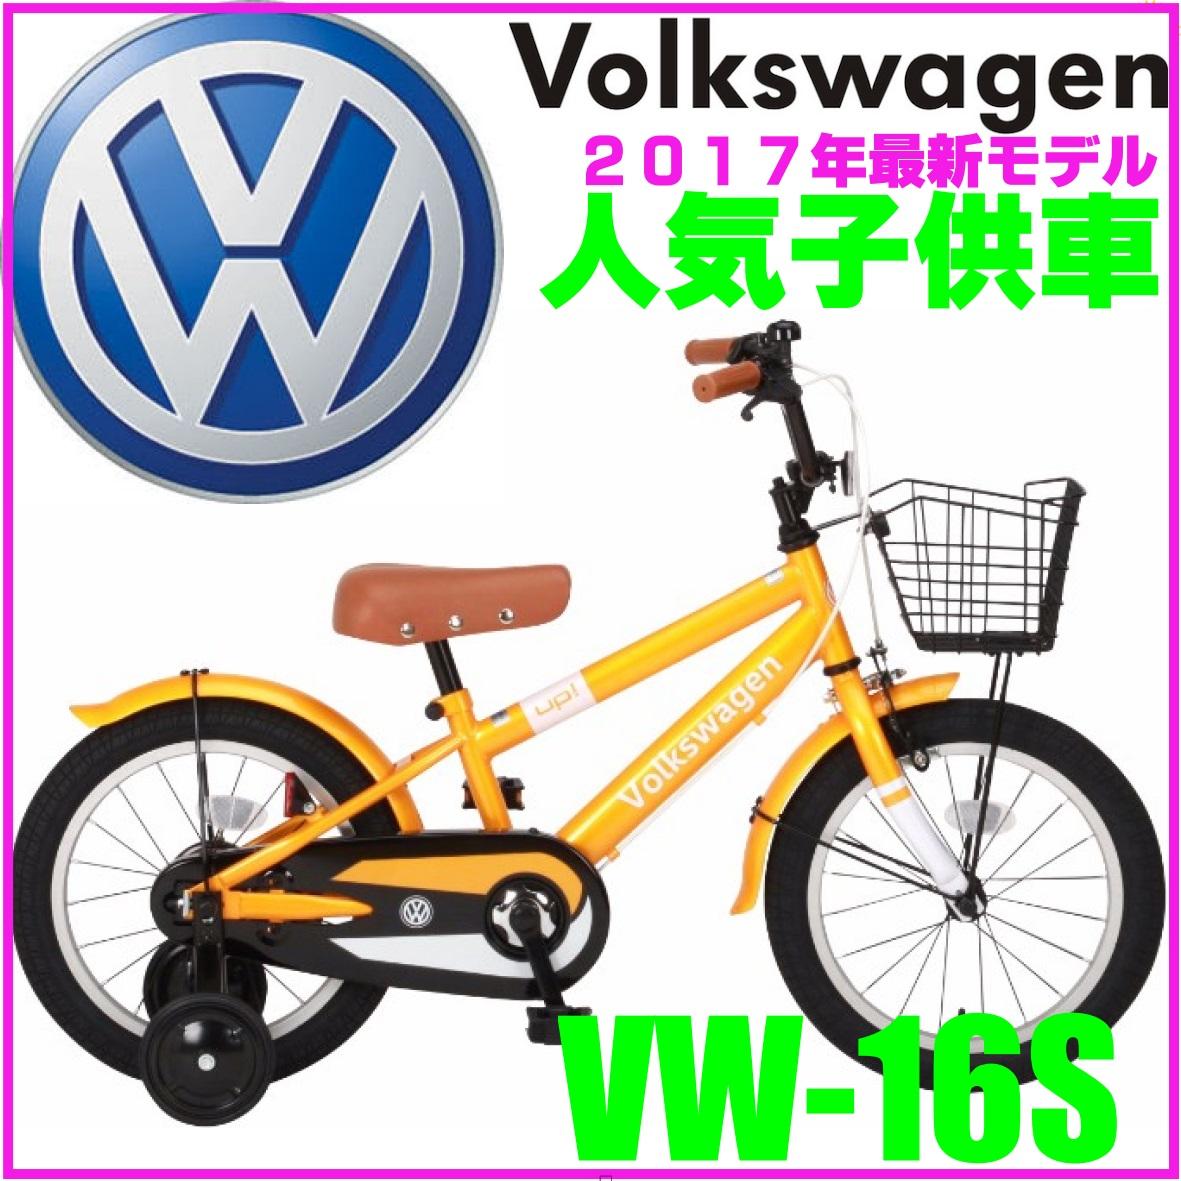 配送先一都三県一部地域限定 フォルクスワーゲン 自転車 子供用 Volkswagen 自転車 オレンジ 16インチ 自転車 補助輪付き フォルクスワーゲン VW-16S up! 子ども車 アップキッズ 自転車 ジュニア 激安 通販 おしゃれ 安い